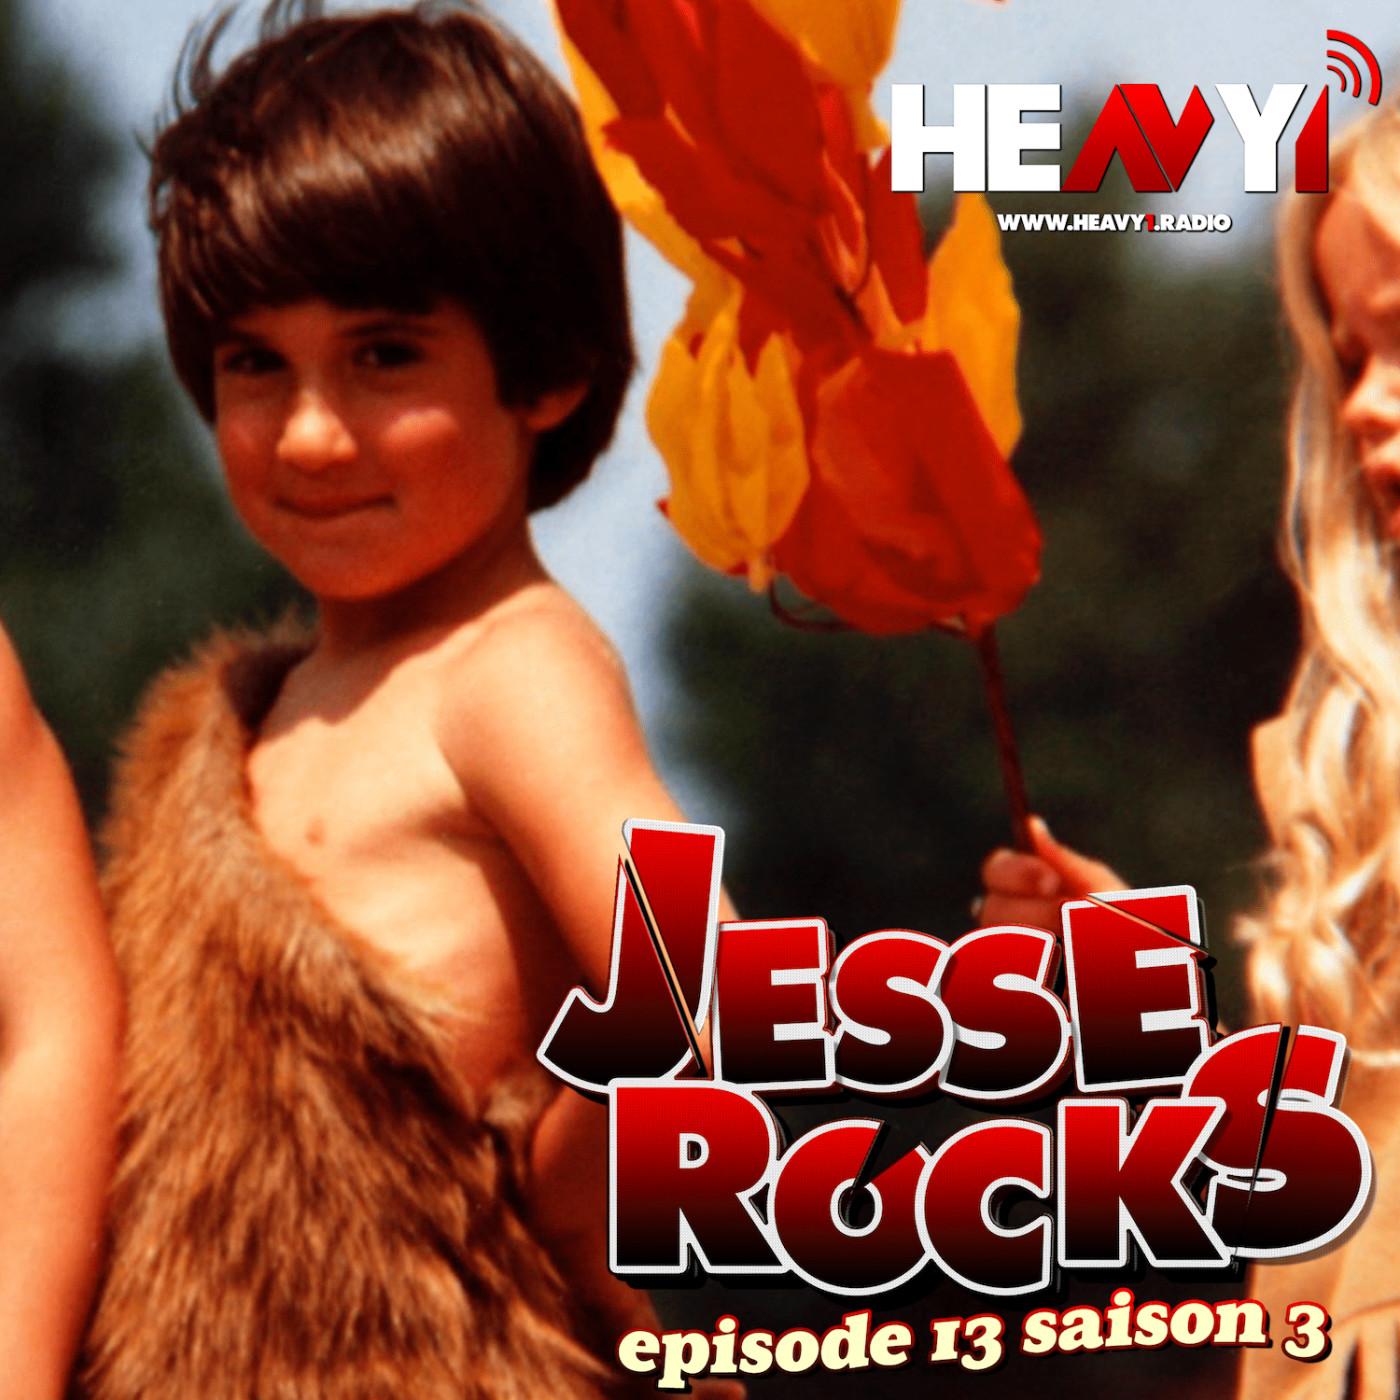 Jesse Rocks #13 Saison 3